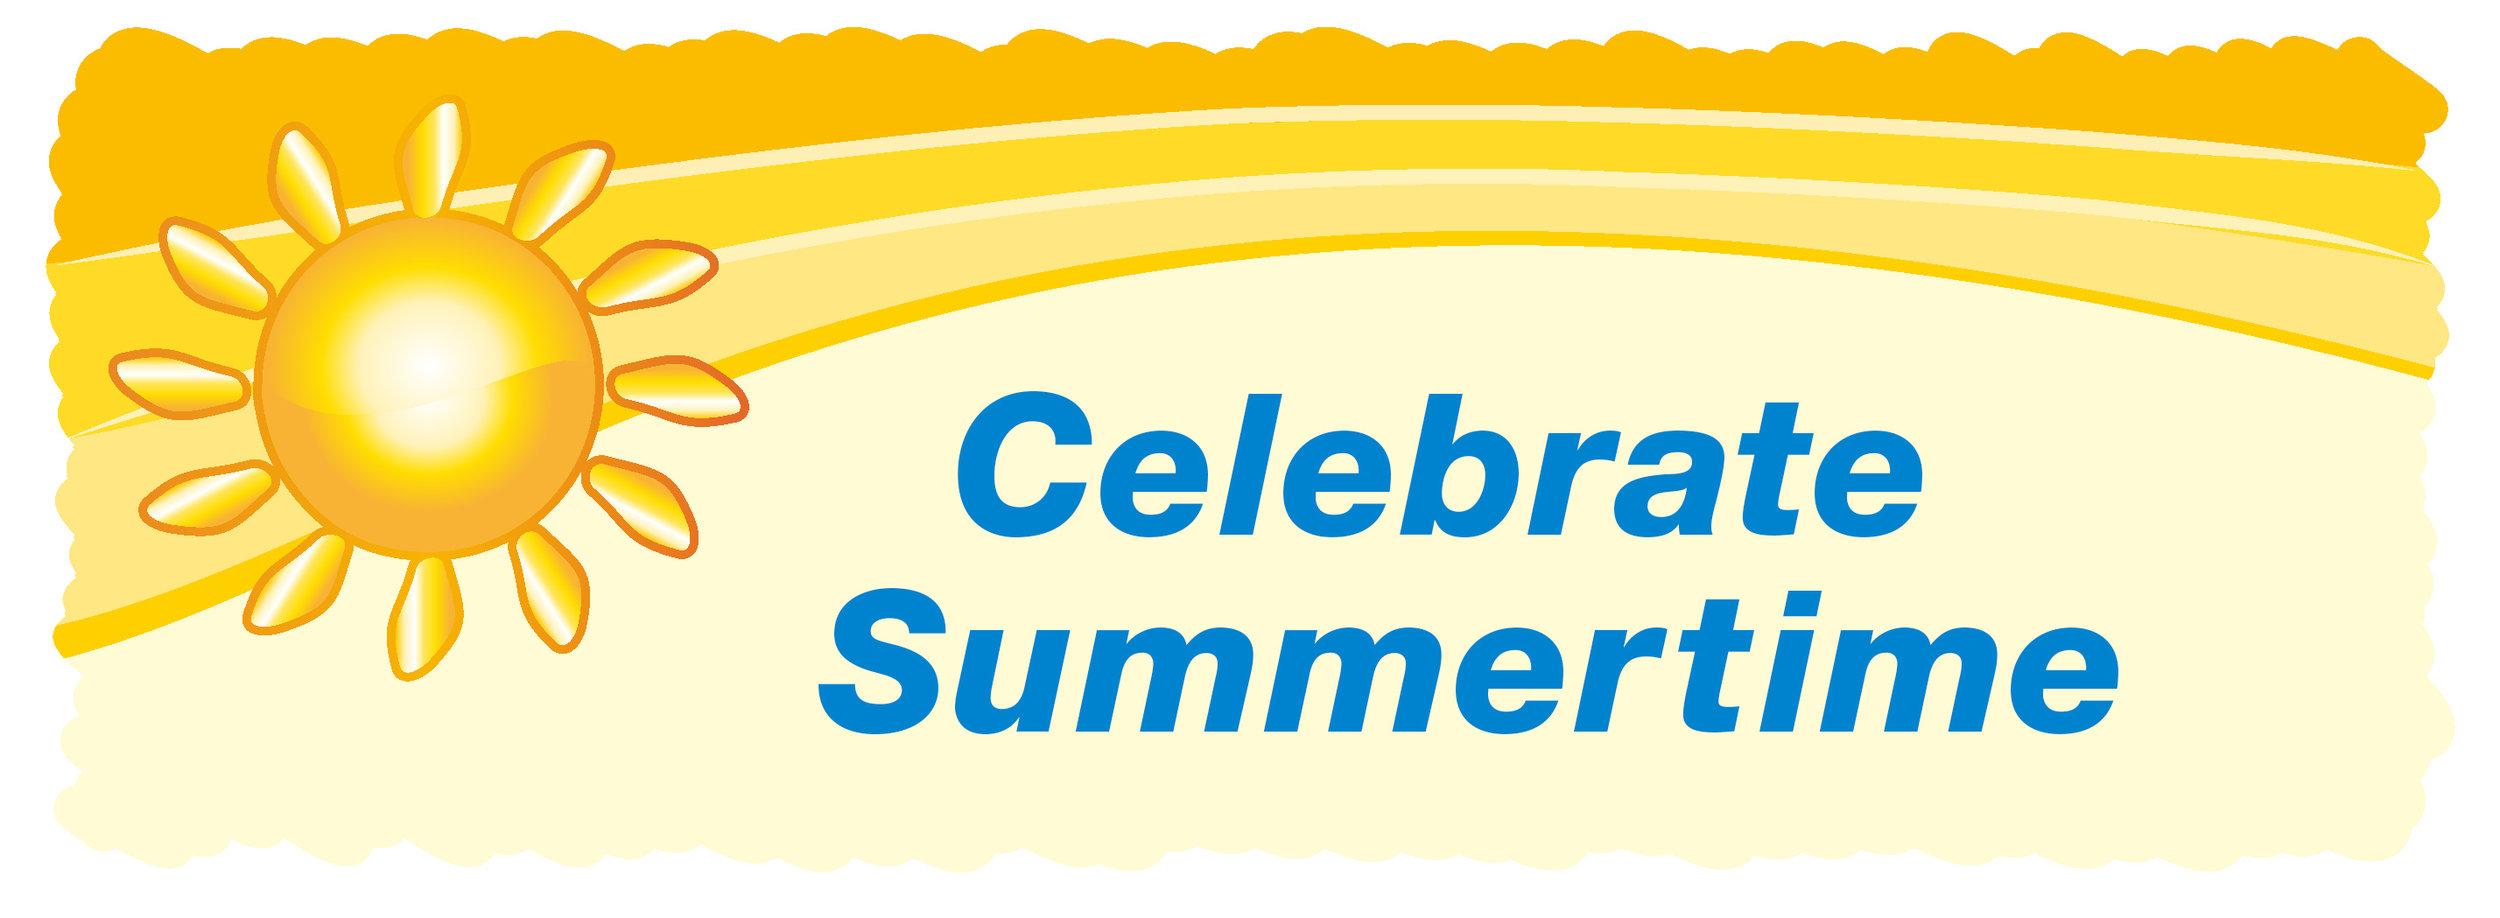 Celebrate-summertime.jpg